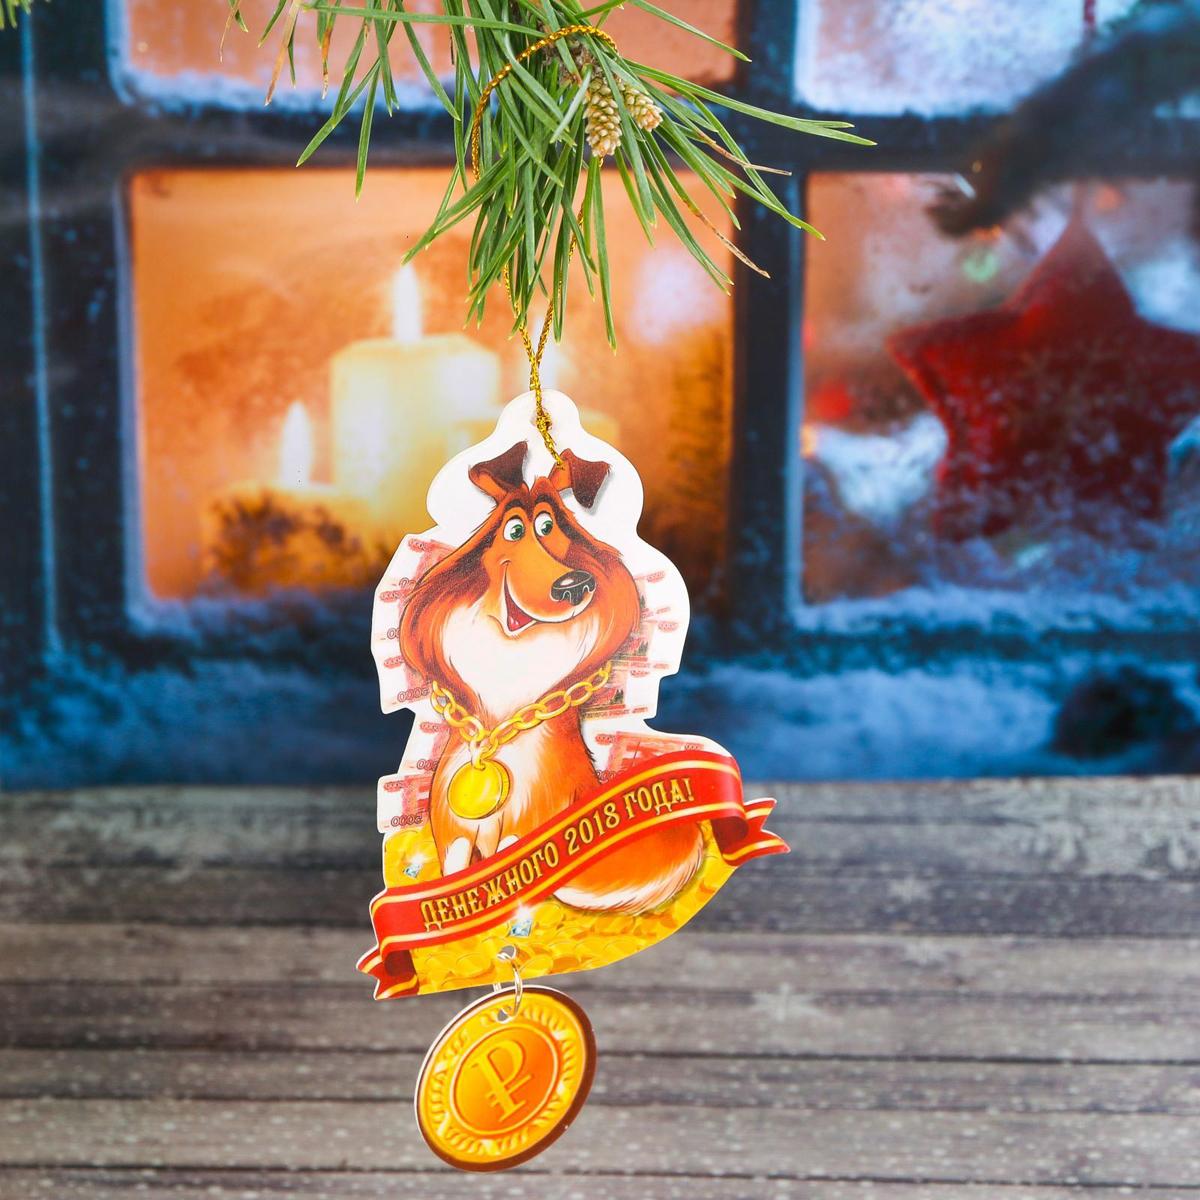 Набор новогодних подвесных украшений Sima-land Денежного 2018 года, 7,1 х 9,6 см, 2 шт2268149Набор новогодних подвесных украшений Sima-land отлично подойдет для декорации вашего дома и новогодней ели. С помощью специальной петельки украшение можно повесить в любом понравившемся вам месте. Но, конечно, удачнее всего оно будет смотреться на праздничной елке. Елочная игрушка - символ Нового года. Она несет в себе волшебство и красоту праздника. Создайте в своем доме атмосферу веселья и радости, украшая новогоднюю елку нарядными игрушками, которые будут из года в год накапливать теплоту воспоминаний.